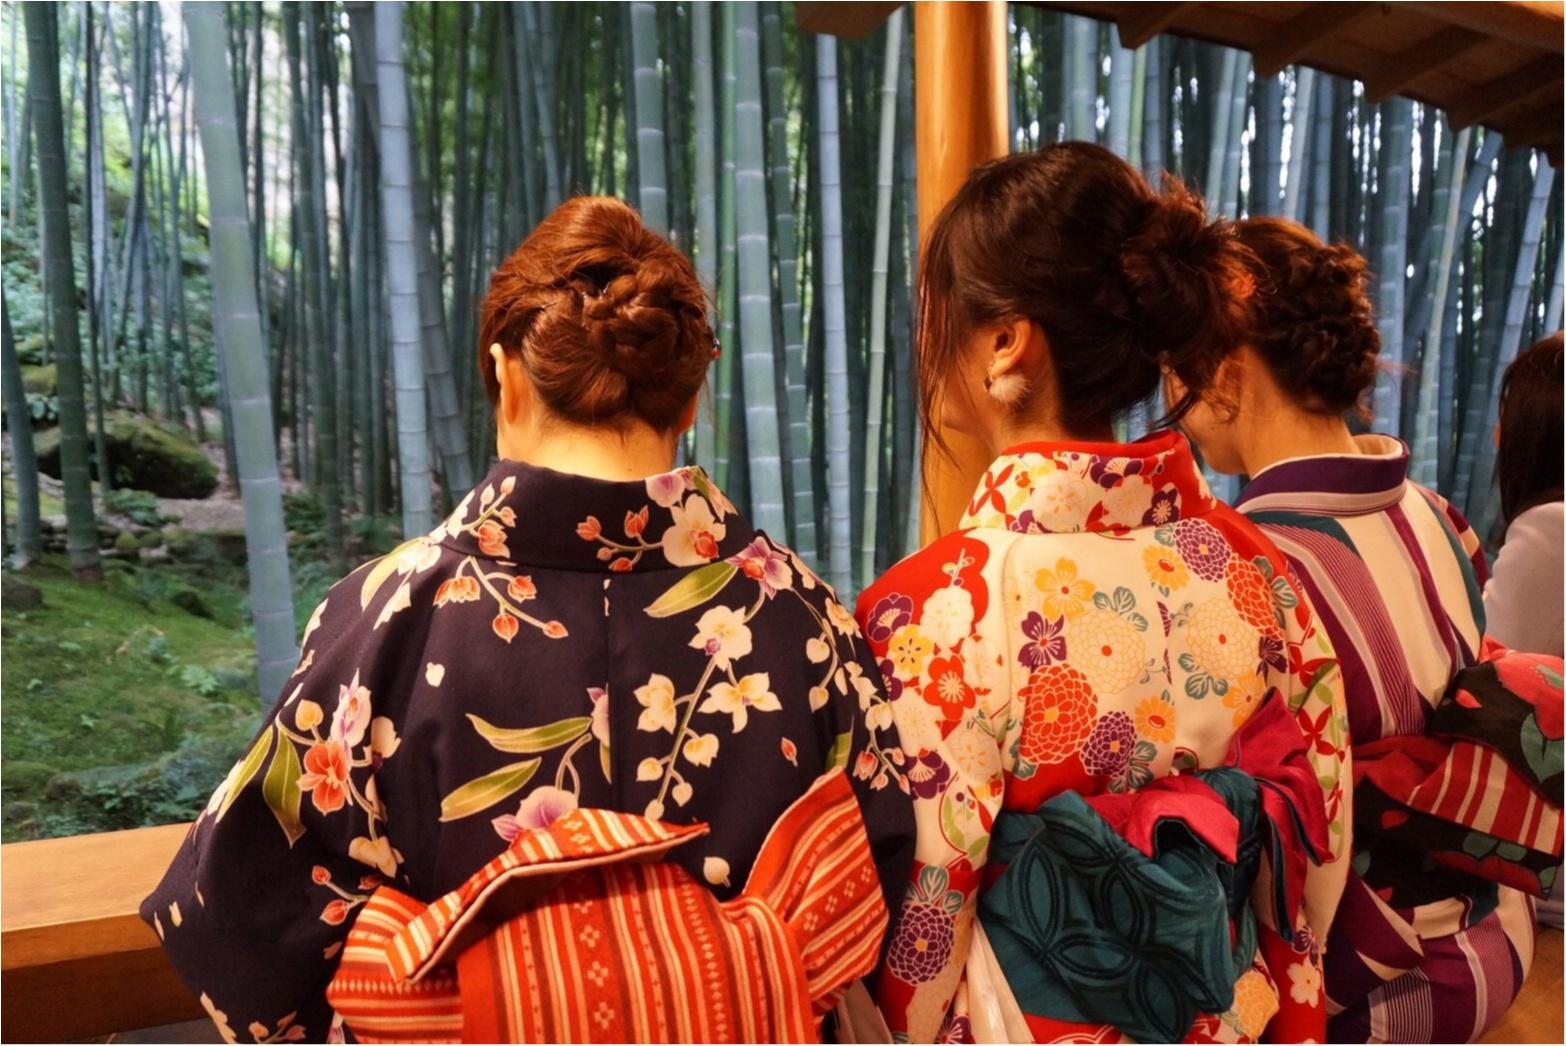 【✨着物レンタルwargo ¥2,900✨】手ぶらでOK!着物を着てお出掛けしよう❤︎鎌倉の「報国寺の竹林」「浄妙寺」「小町通り」を散歩しました♩≪samenyan≫_19